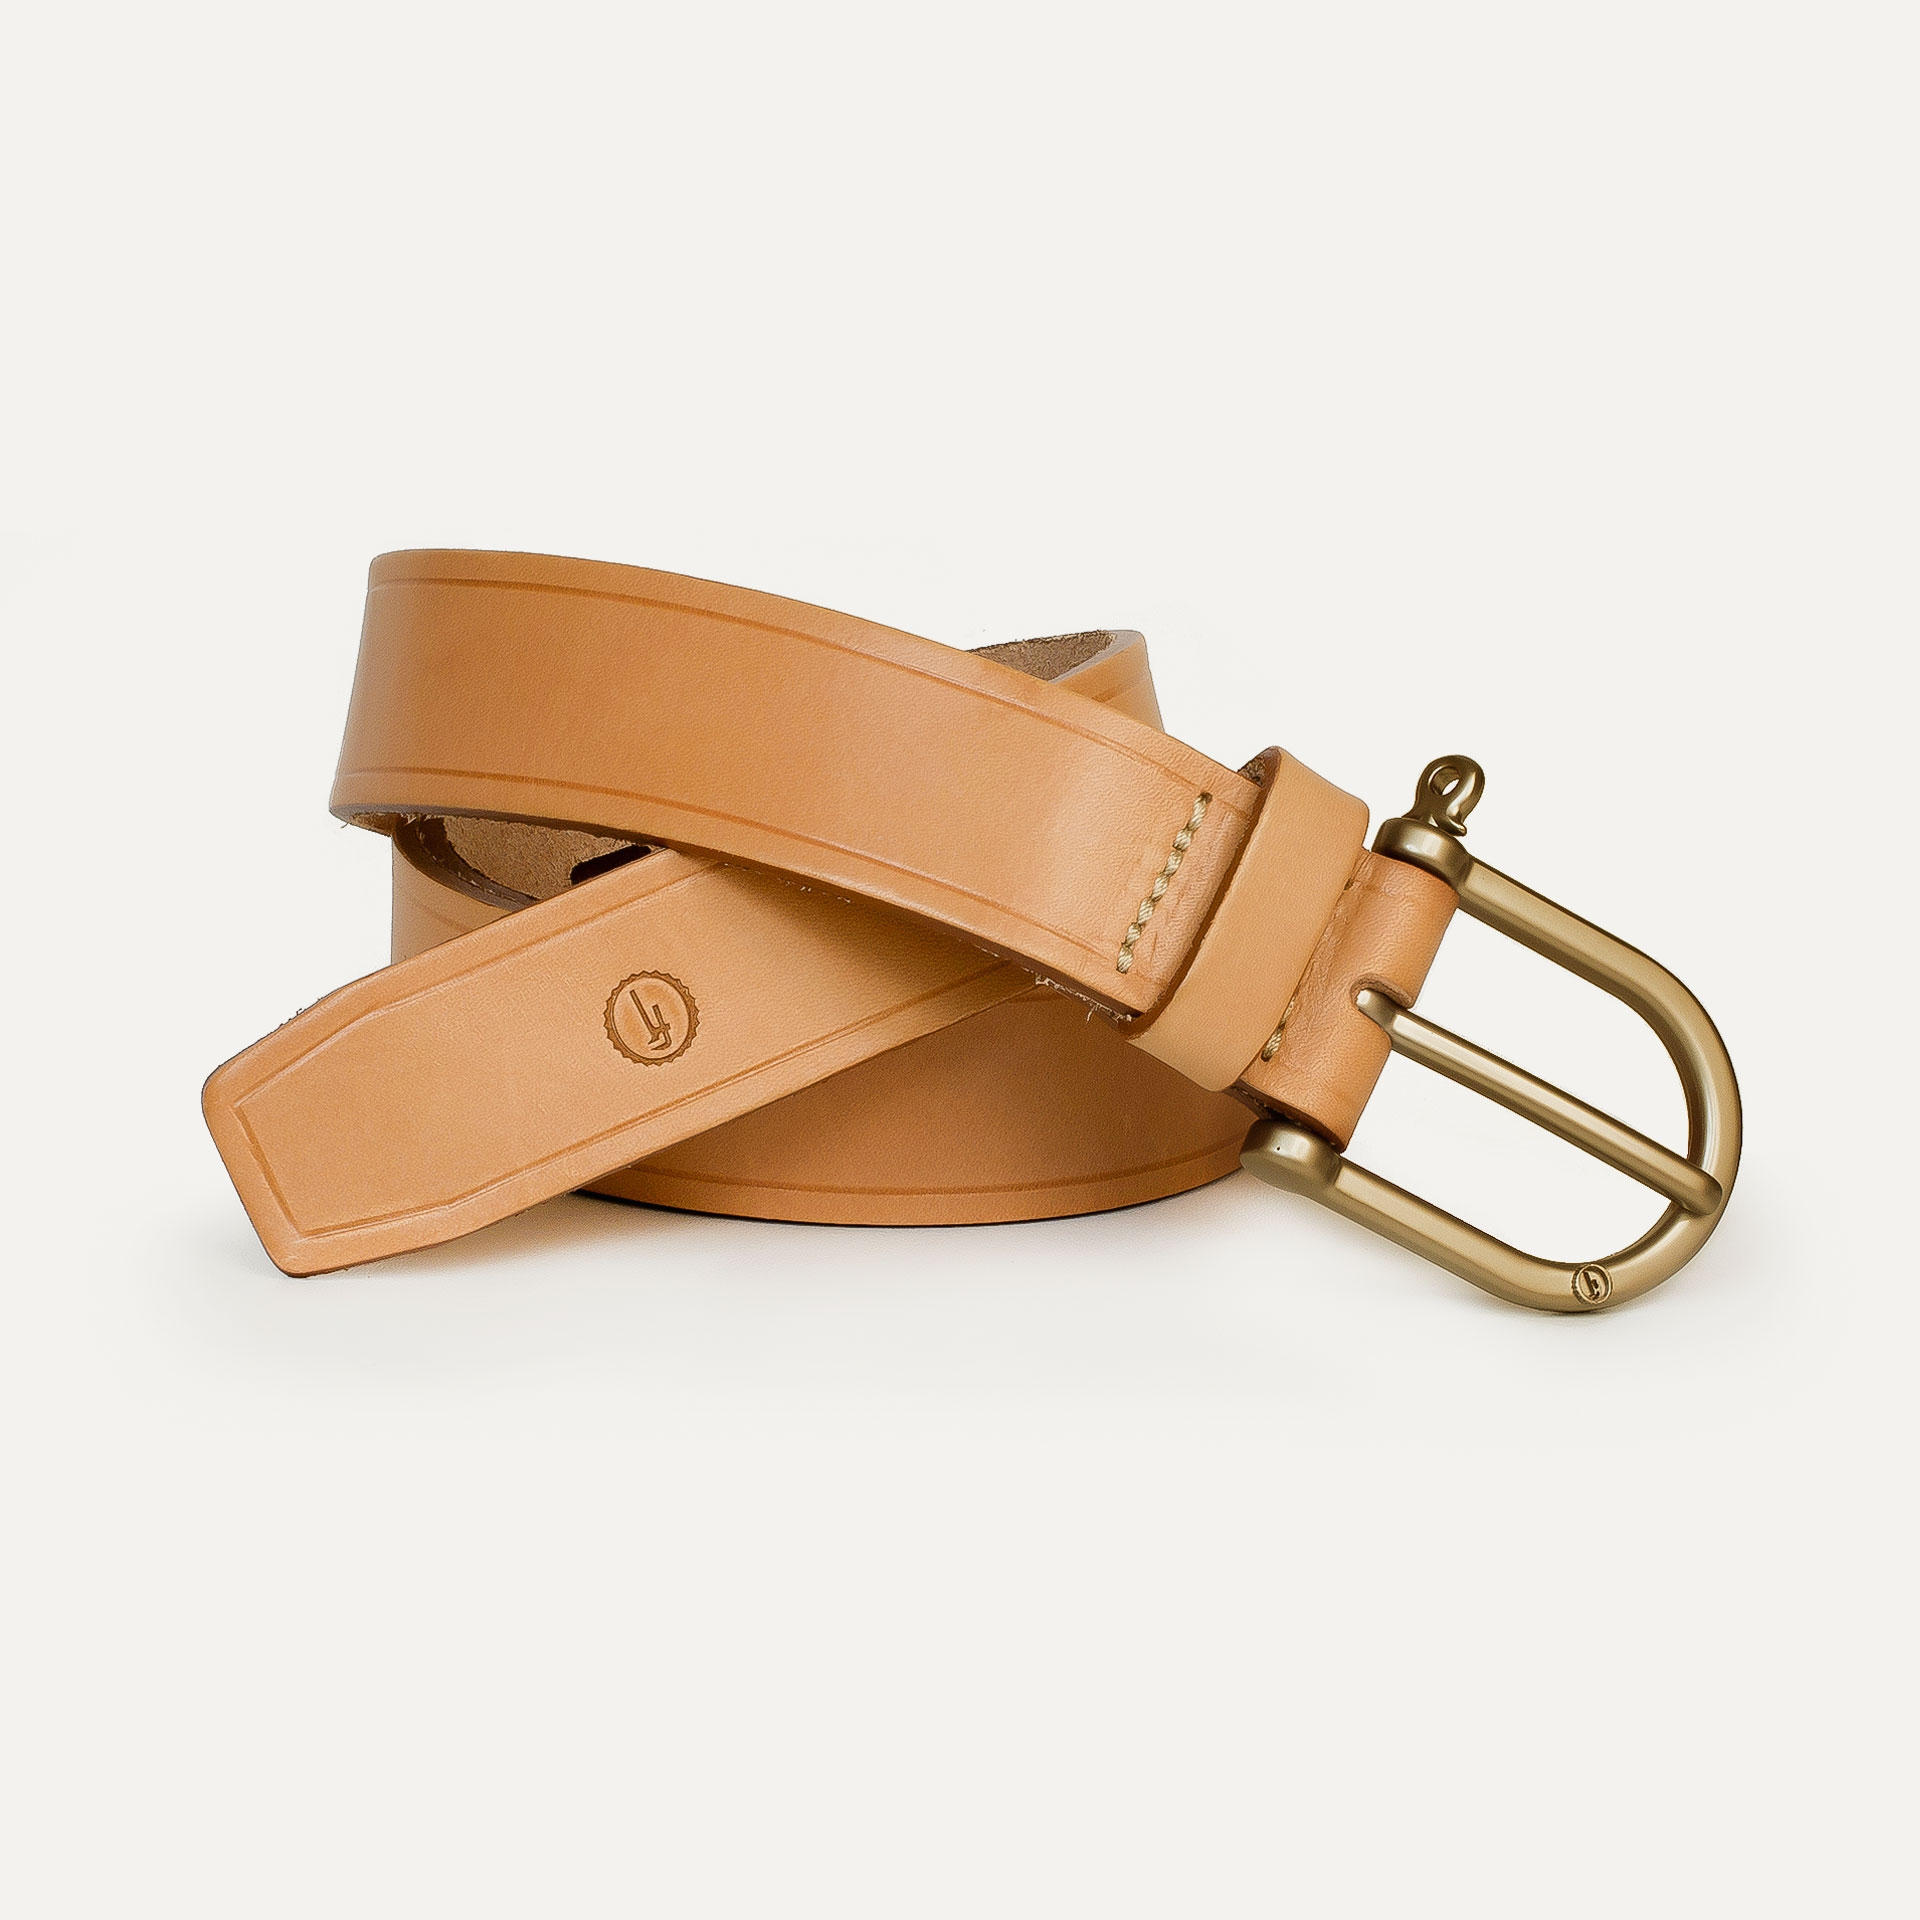 Manille Belt - Natural  /  Gold (image n°1)